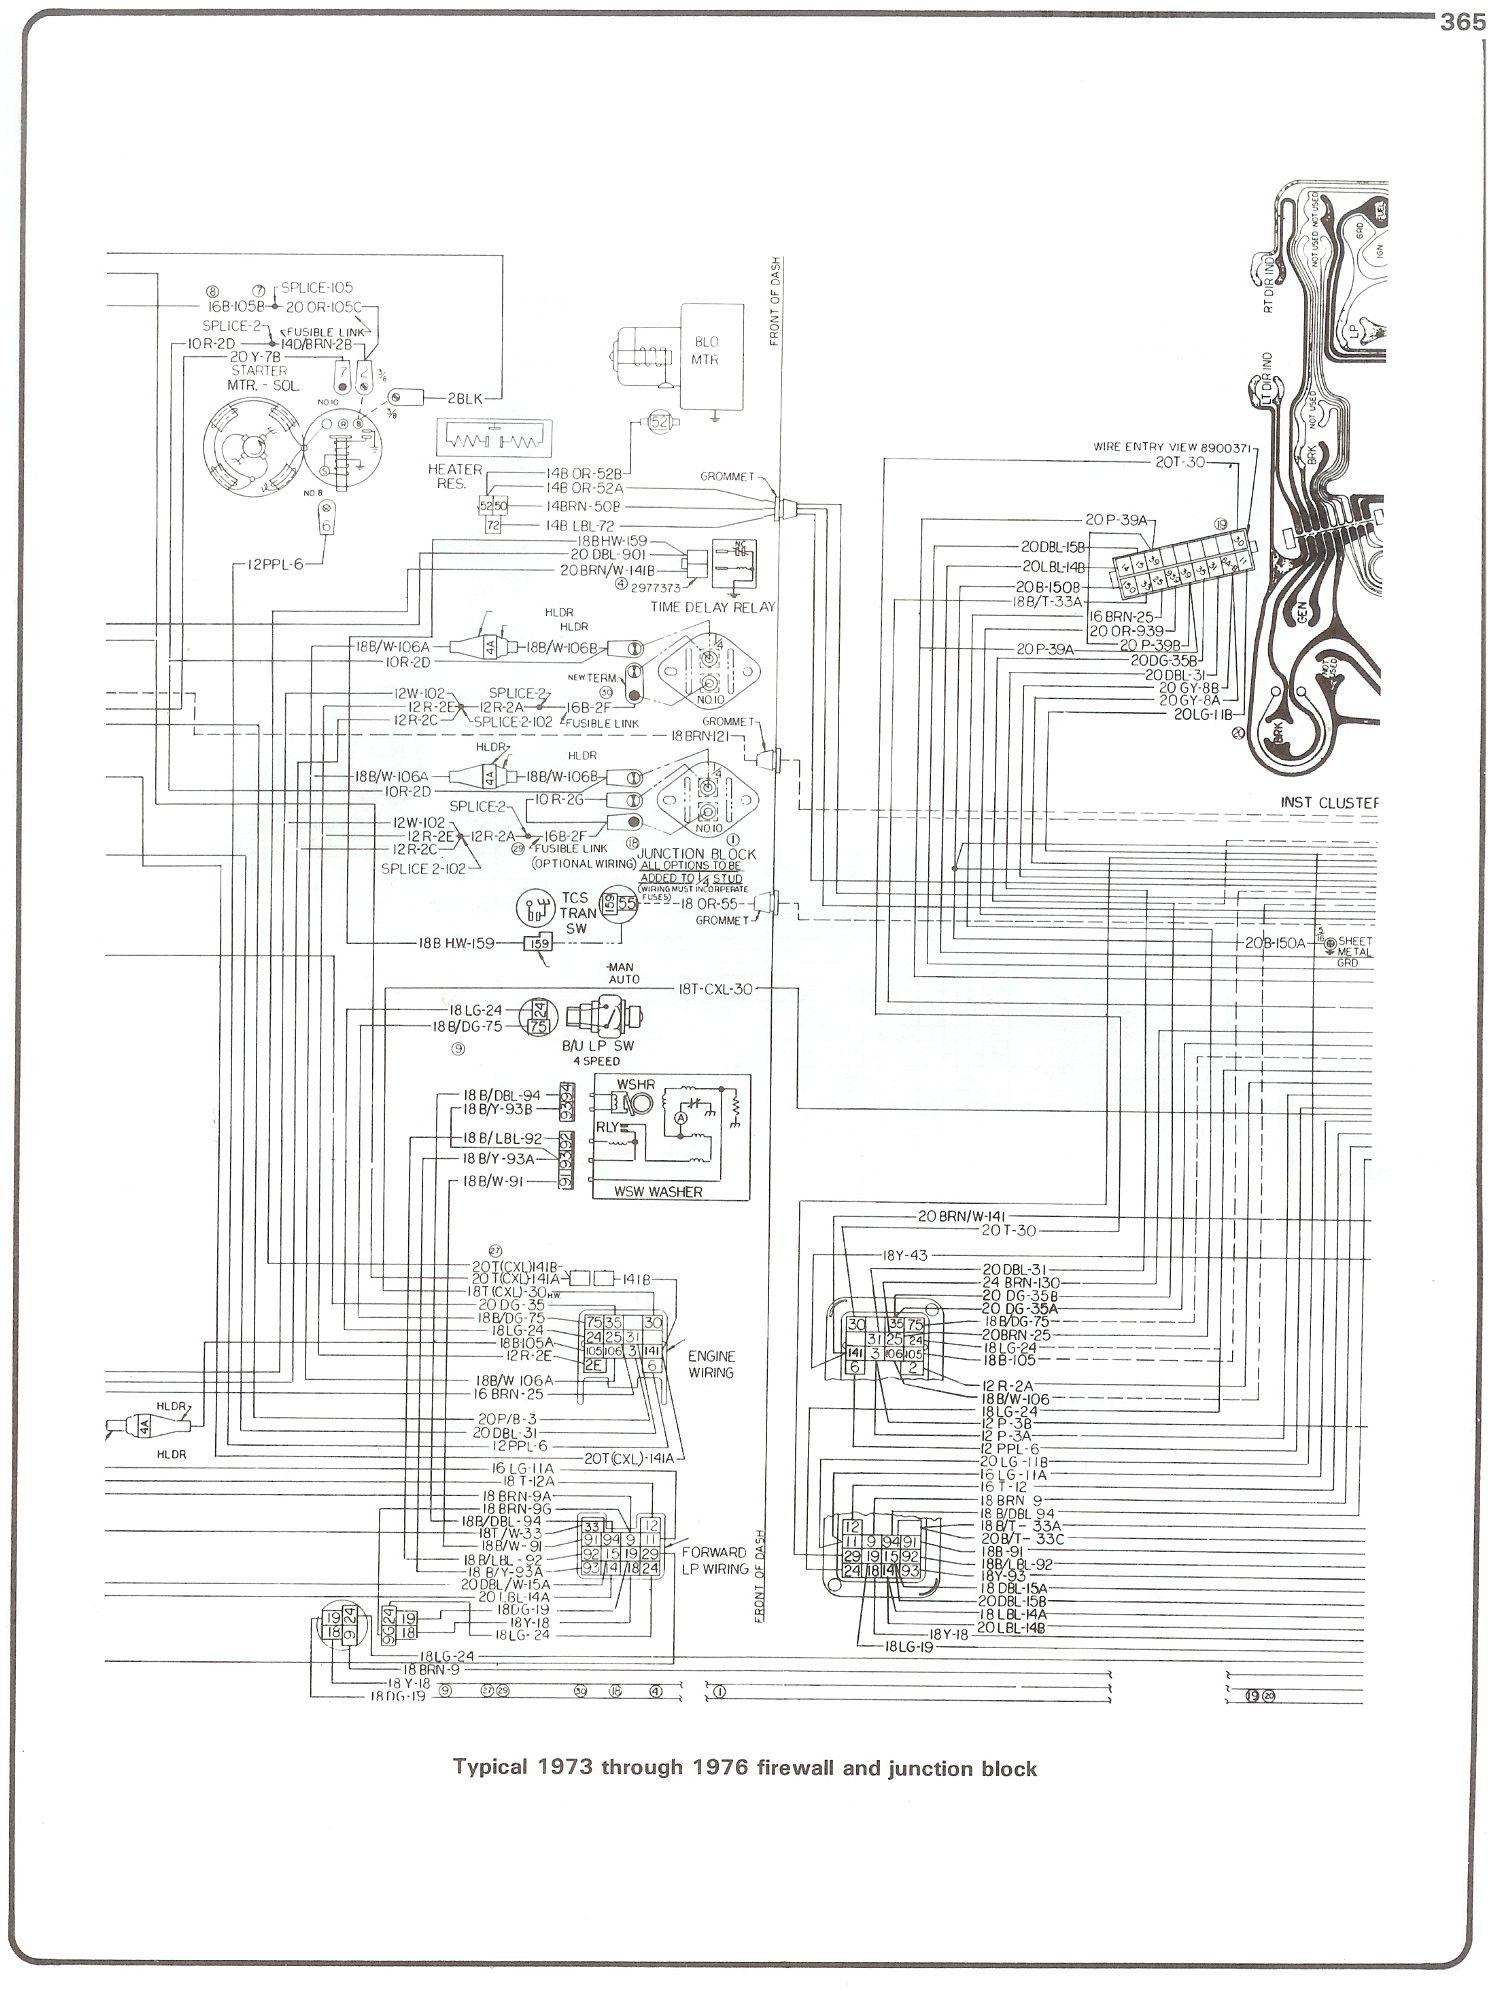 84 chevy truck wiring diagram in 2021 | 1978 chevy truck, chevy trucks,  1985 chevy truck  pinterest